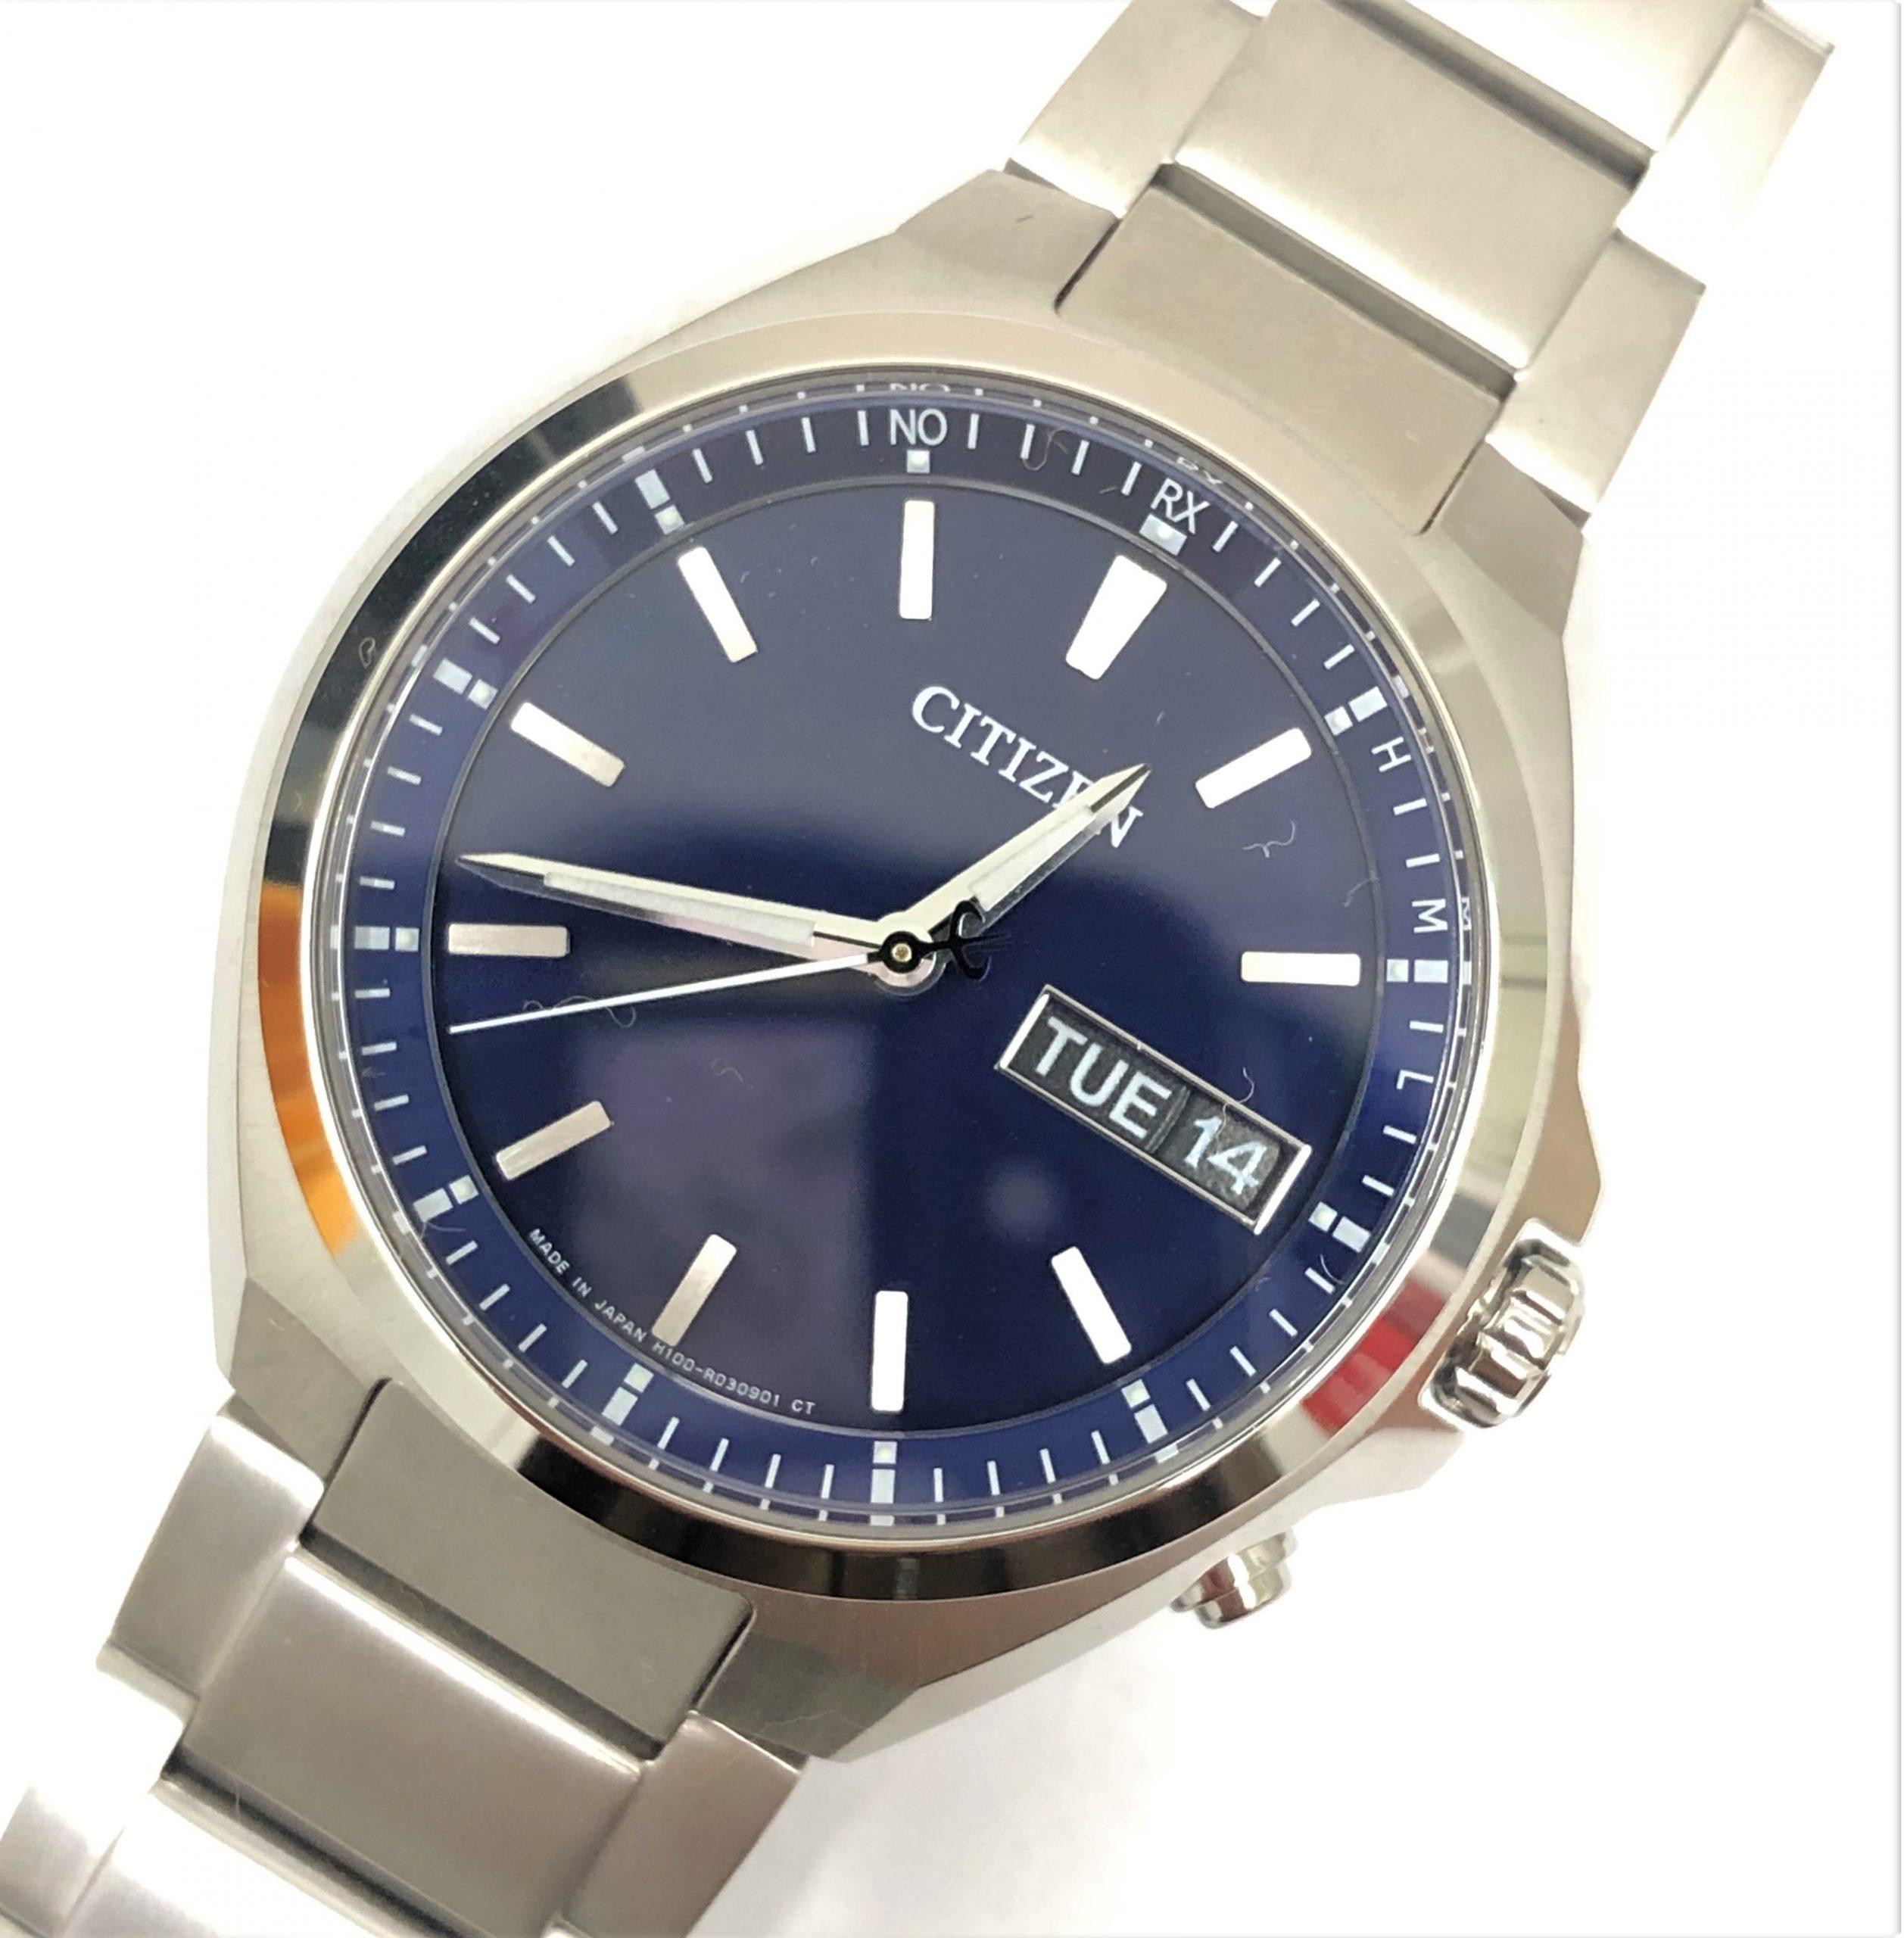 【CITIZEN/シチズン】アテッサ エコドライブ  AT6070-57LH100-R014234 電波 腕時計